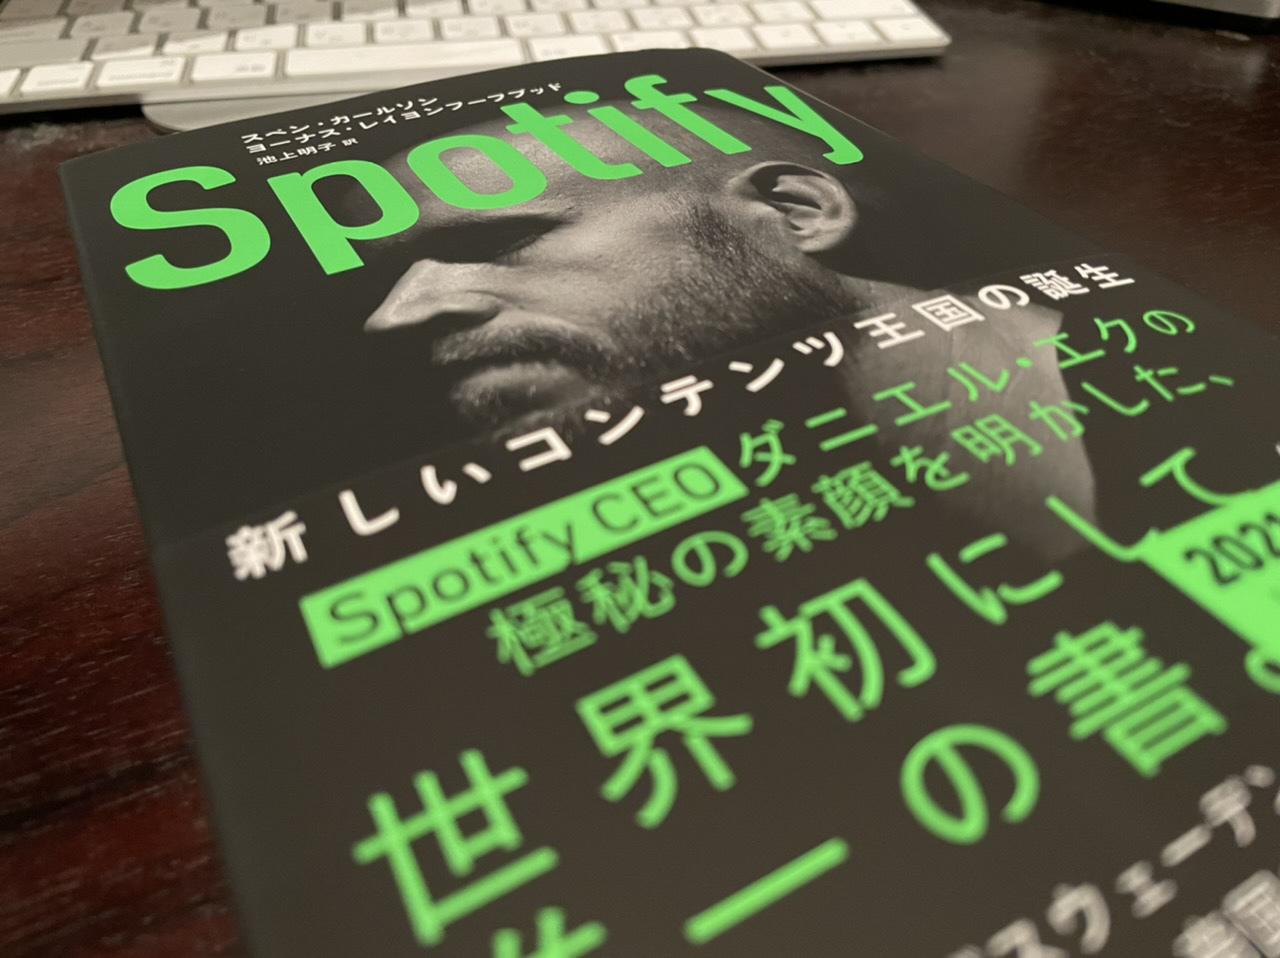 10月7日 Spotify_a0317236_07222290.jpeg